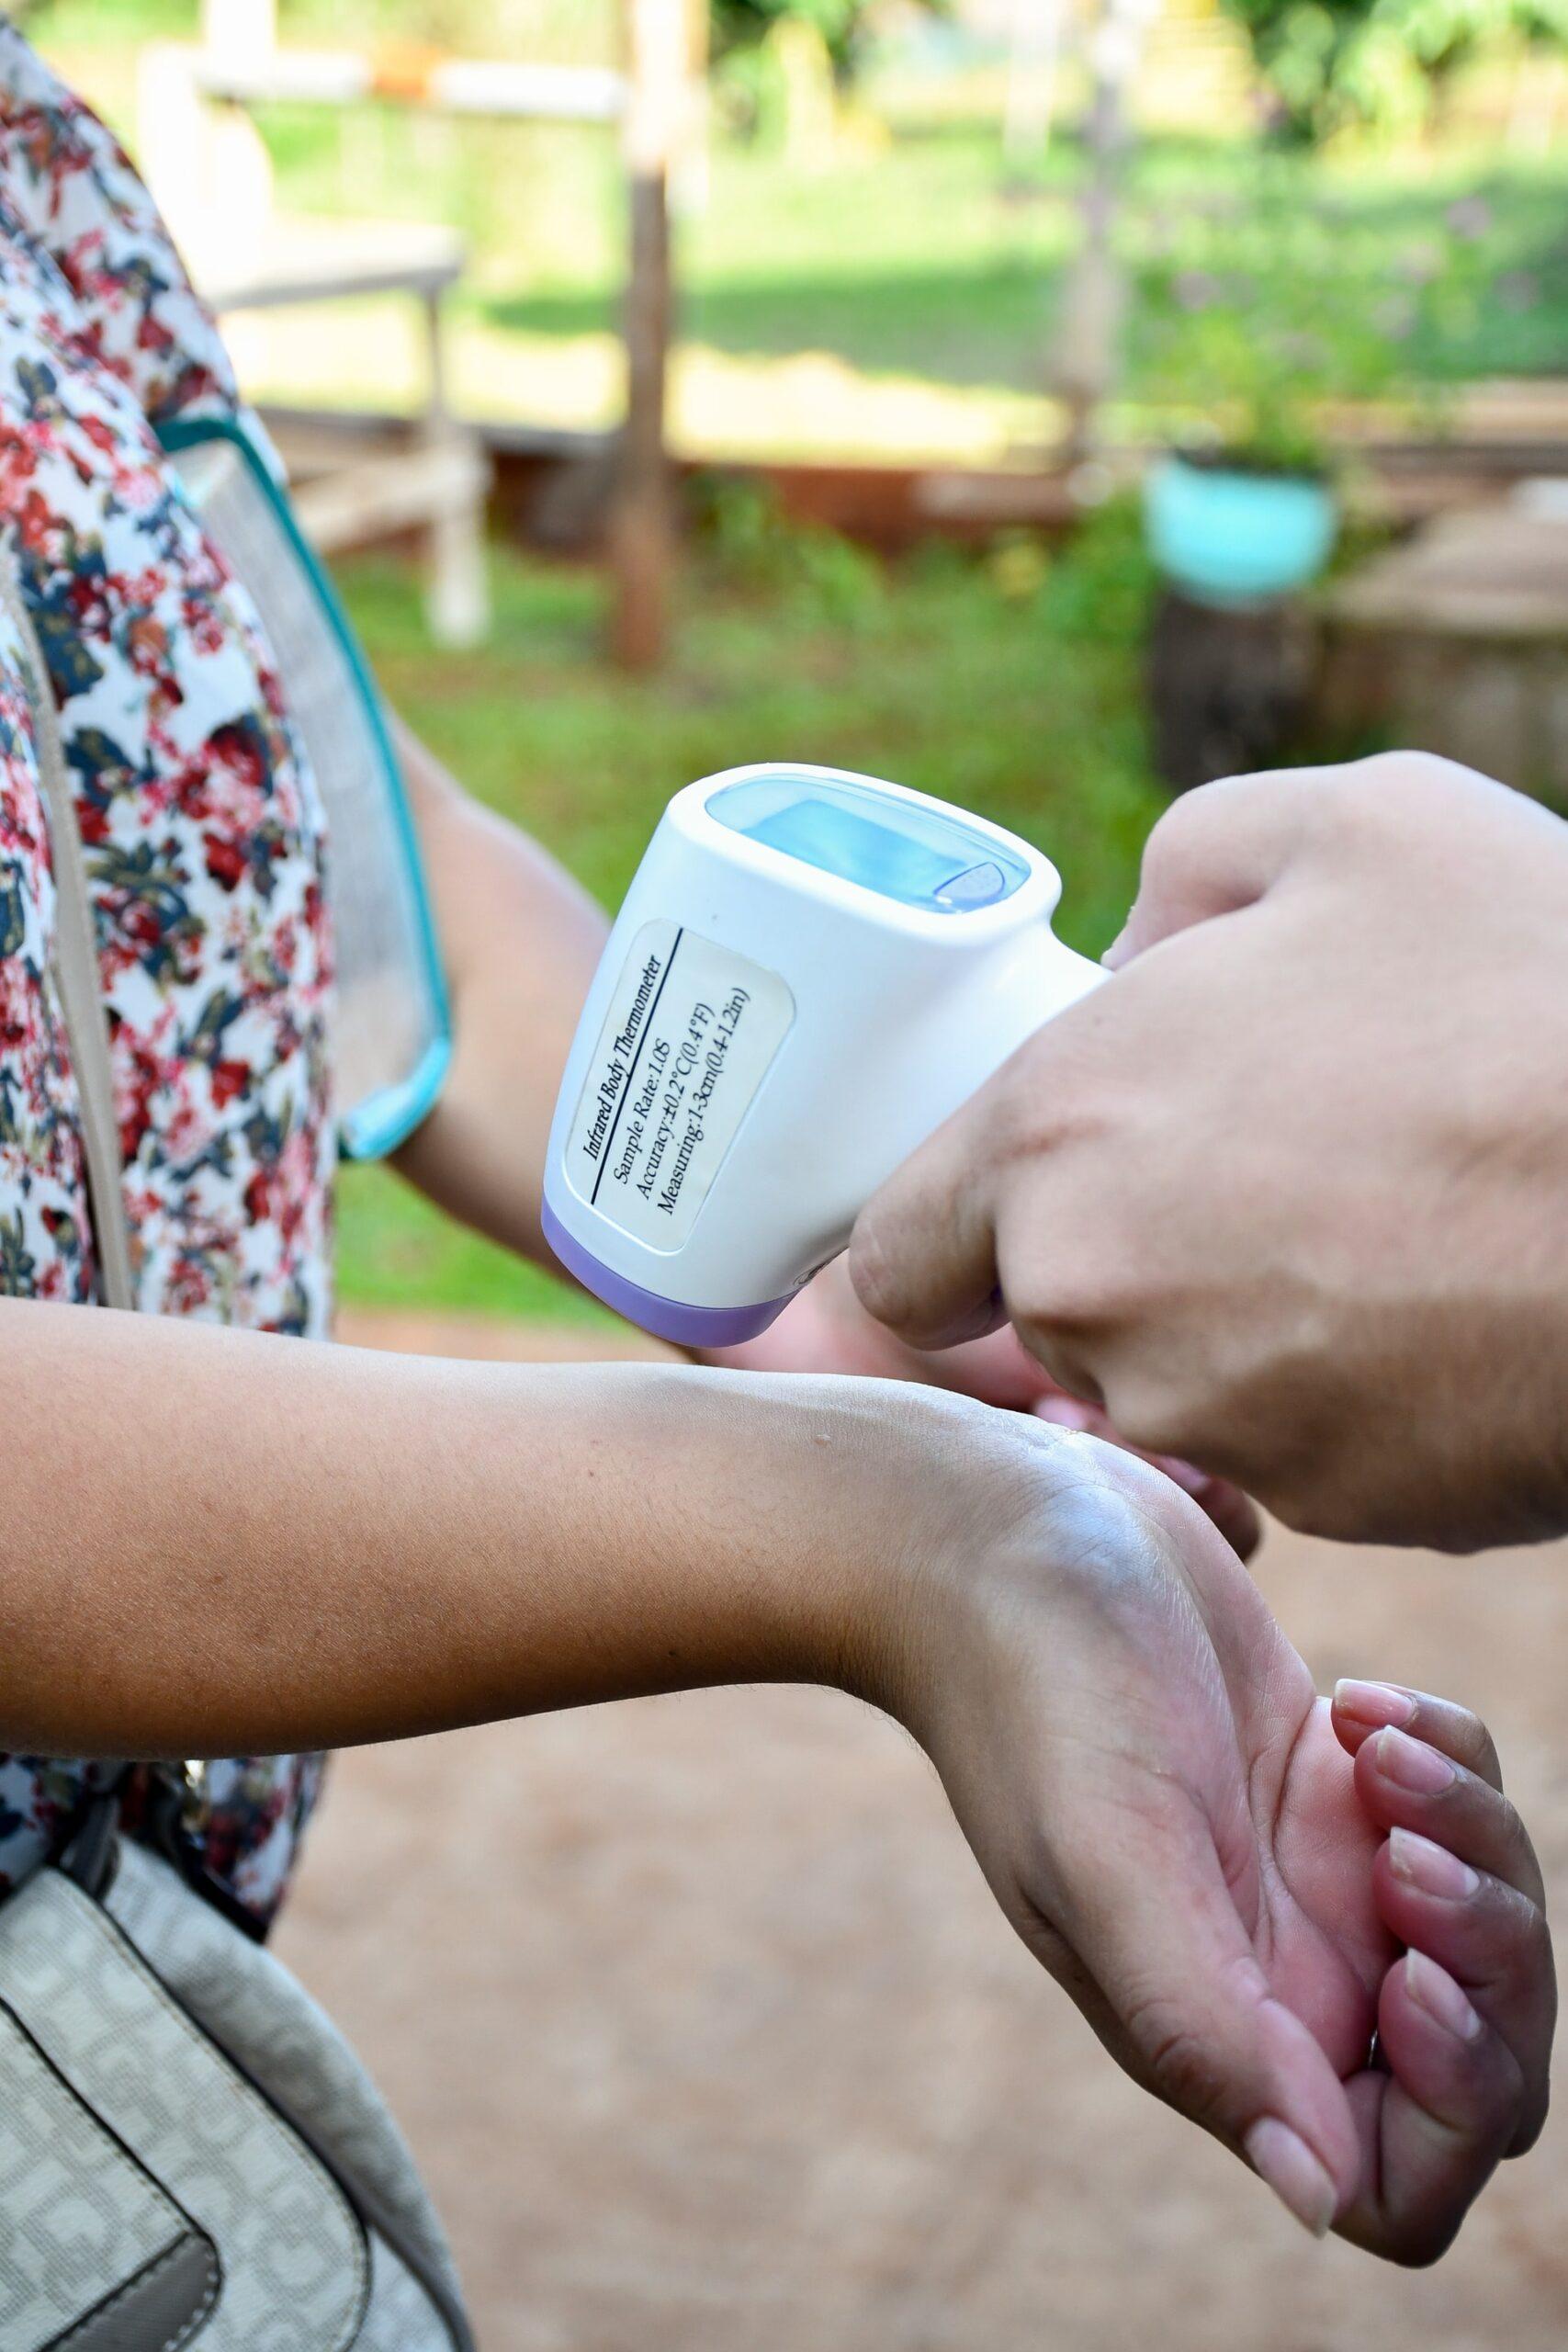 Person taking someone's temperature on wrist